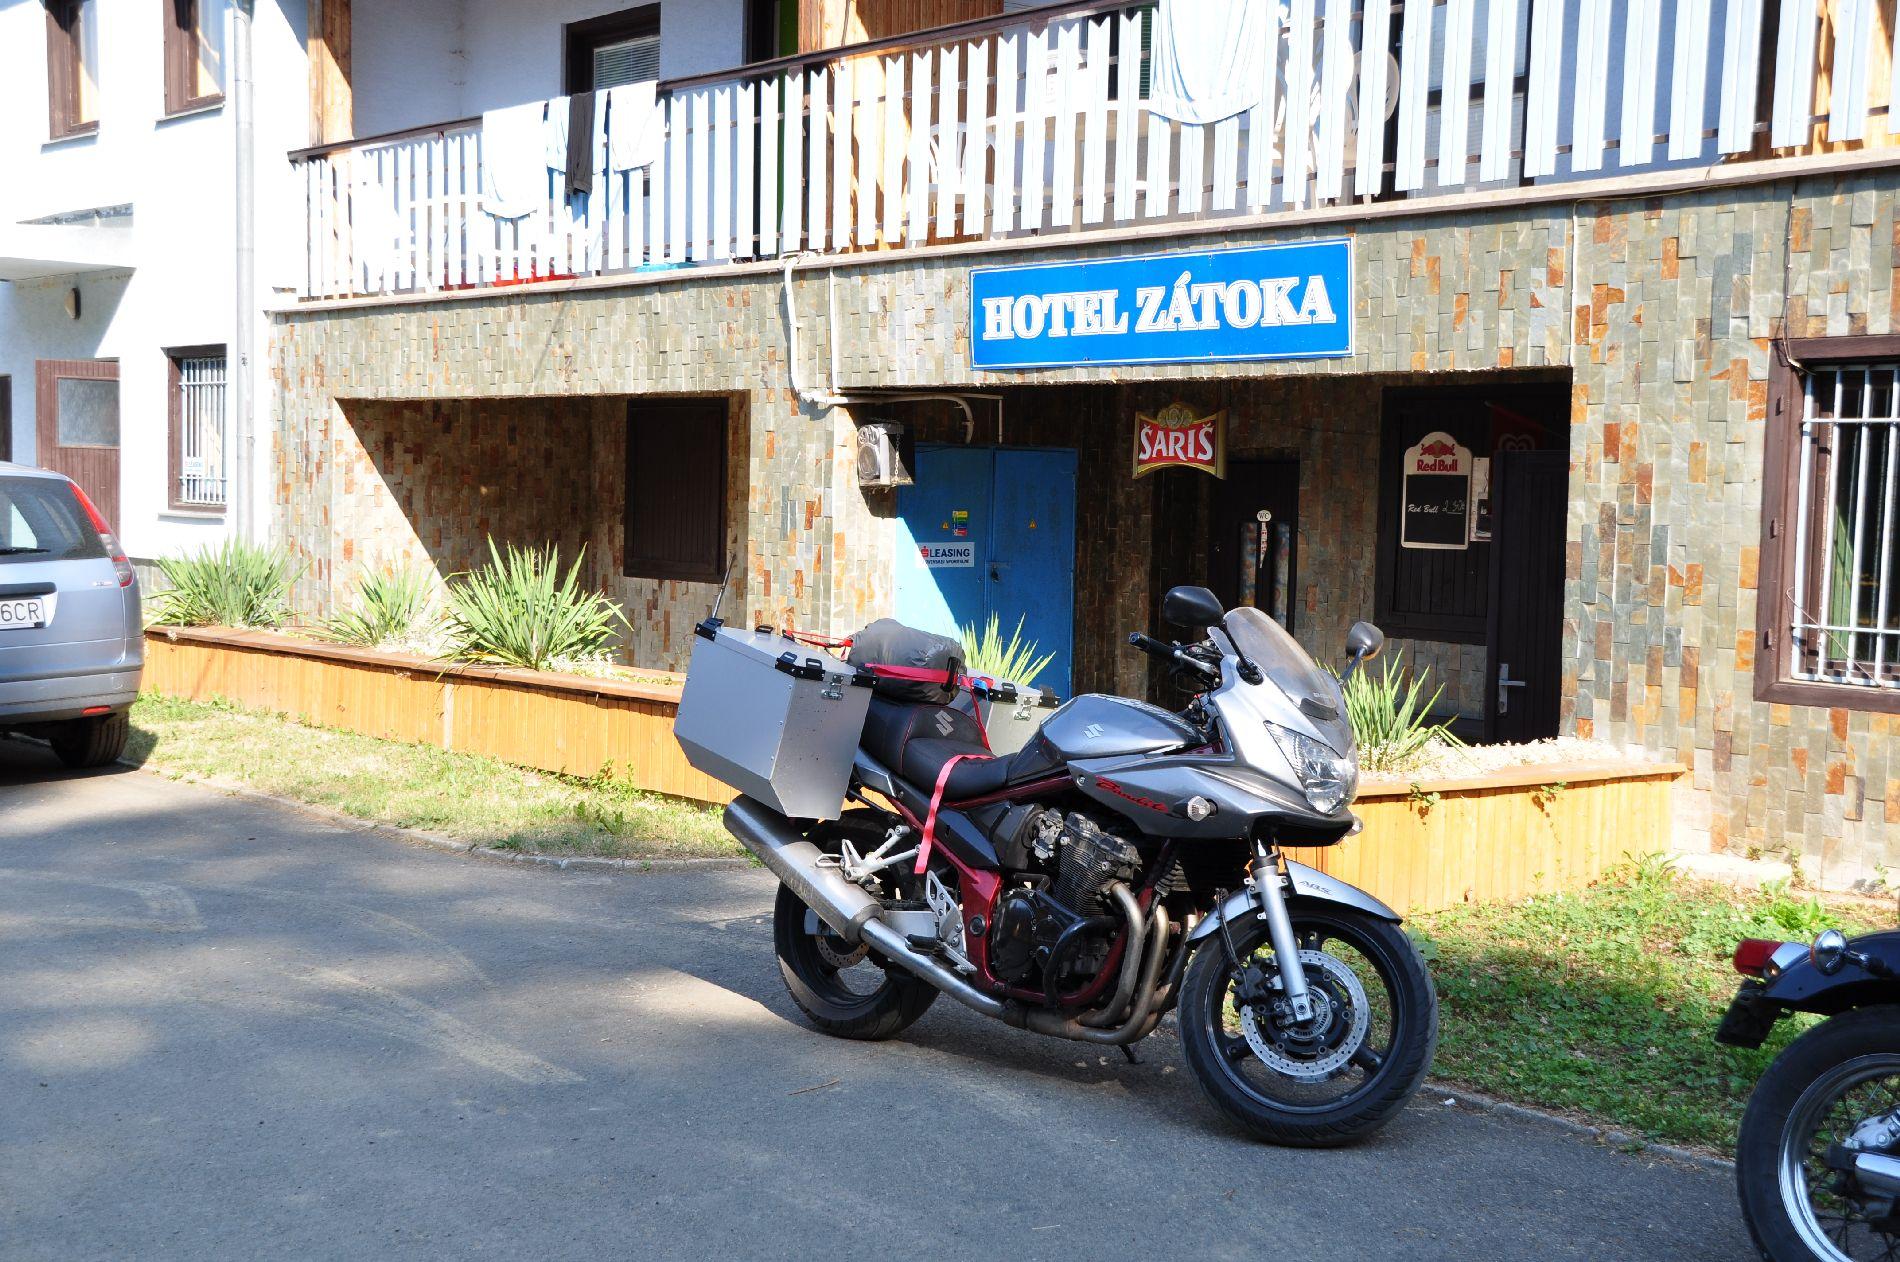 Hotel Zatoka nördlich von Vranov in der Slowakei